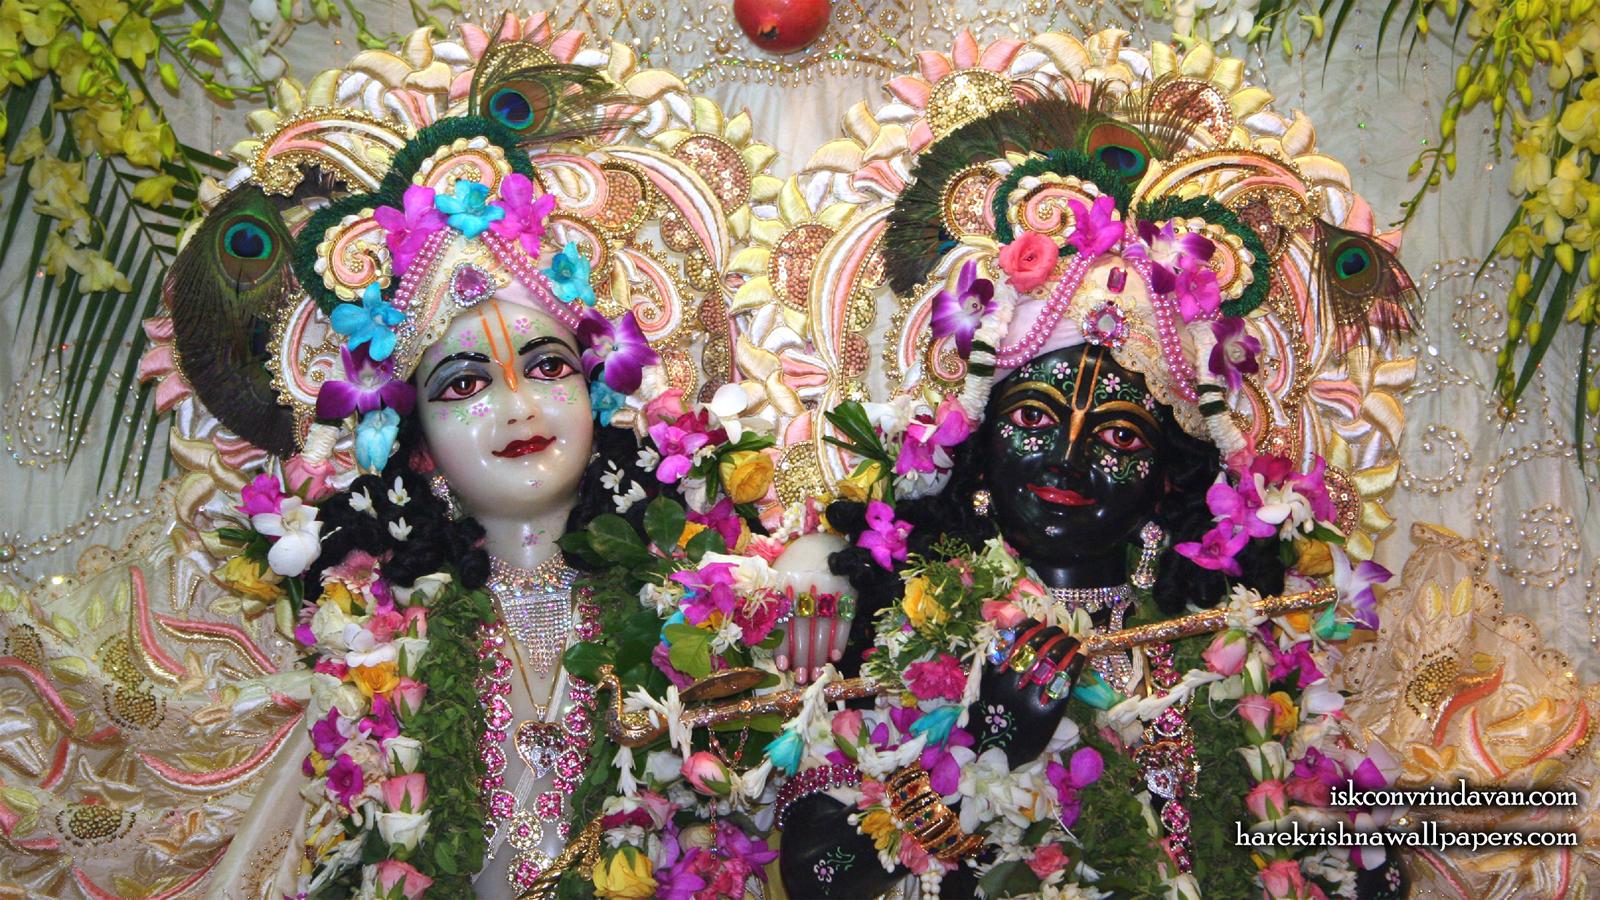 Sri Sri Krishna Balaram Close up Wallpaper (002) Size 1600x900 Download